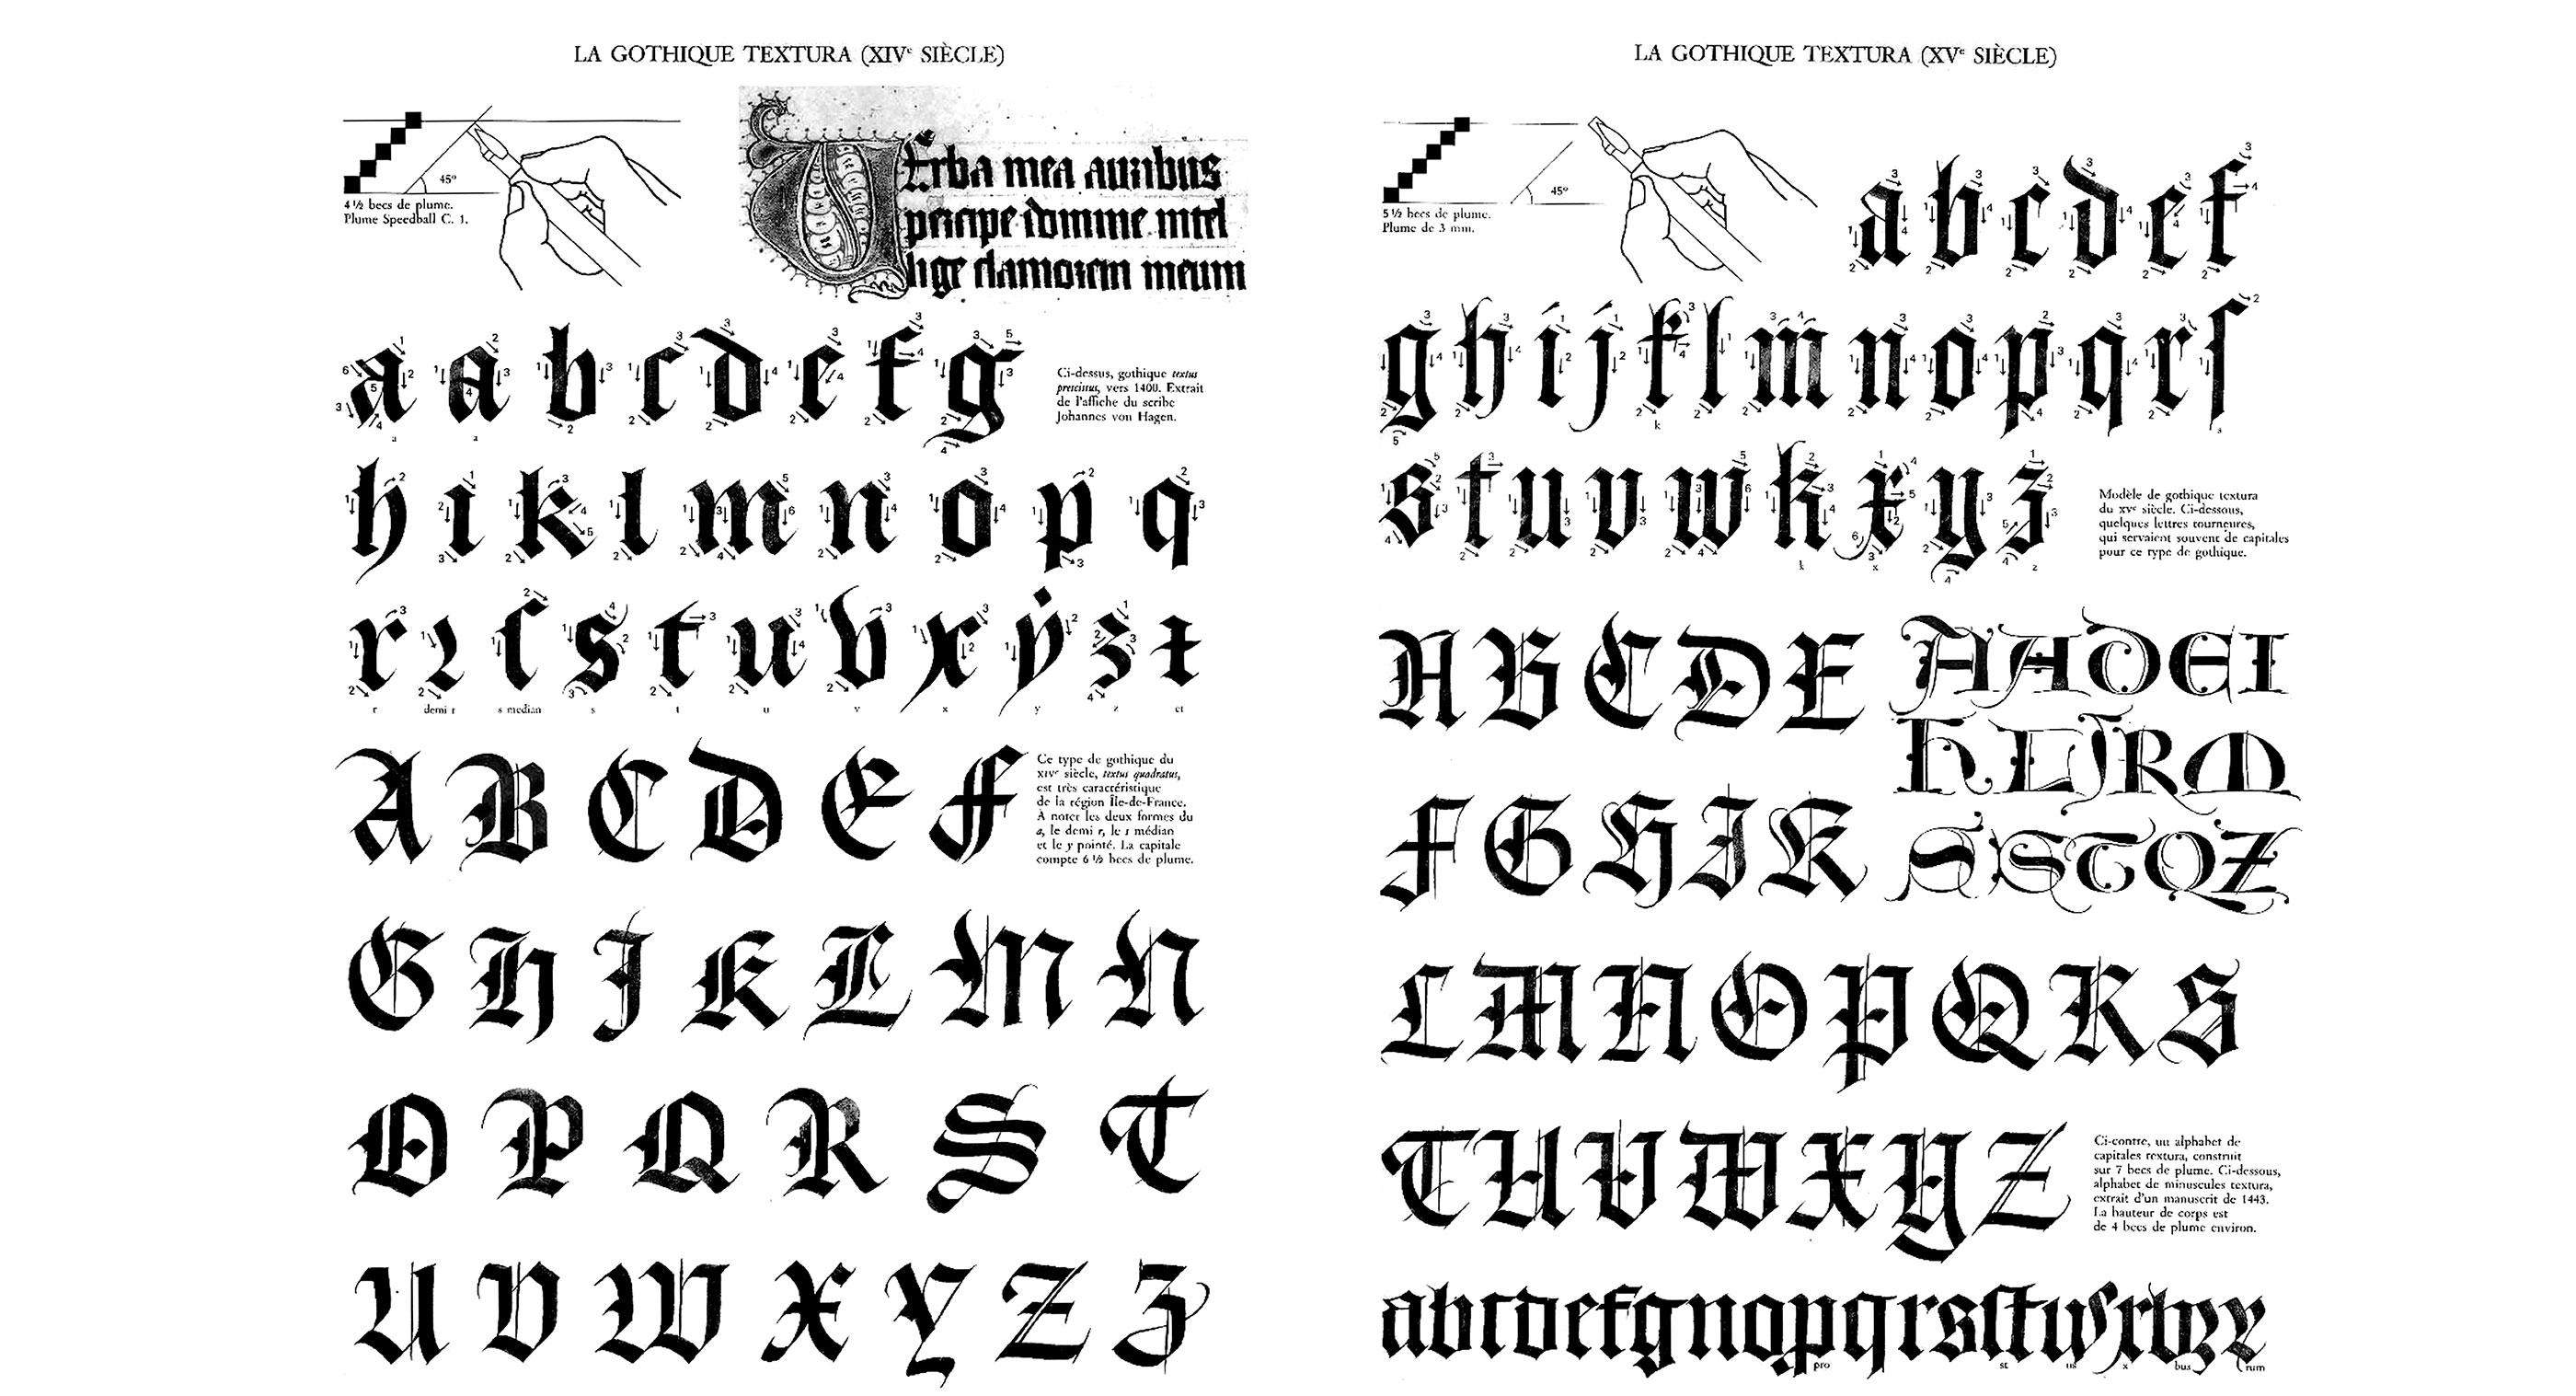 claude-mediavilla-calligraphie-gothique-textura-nb